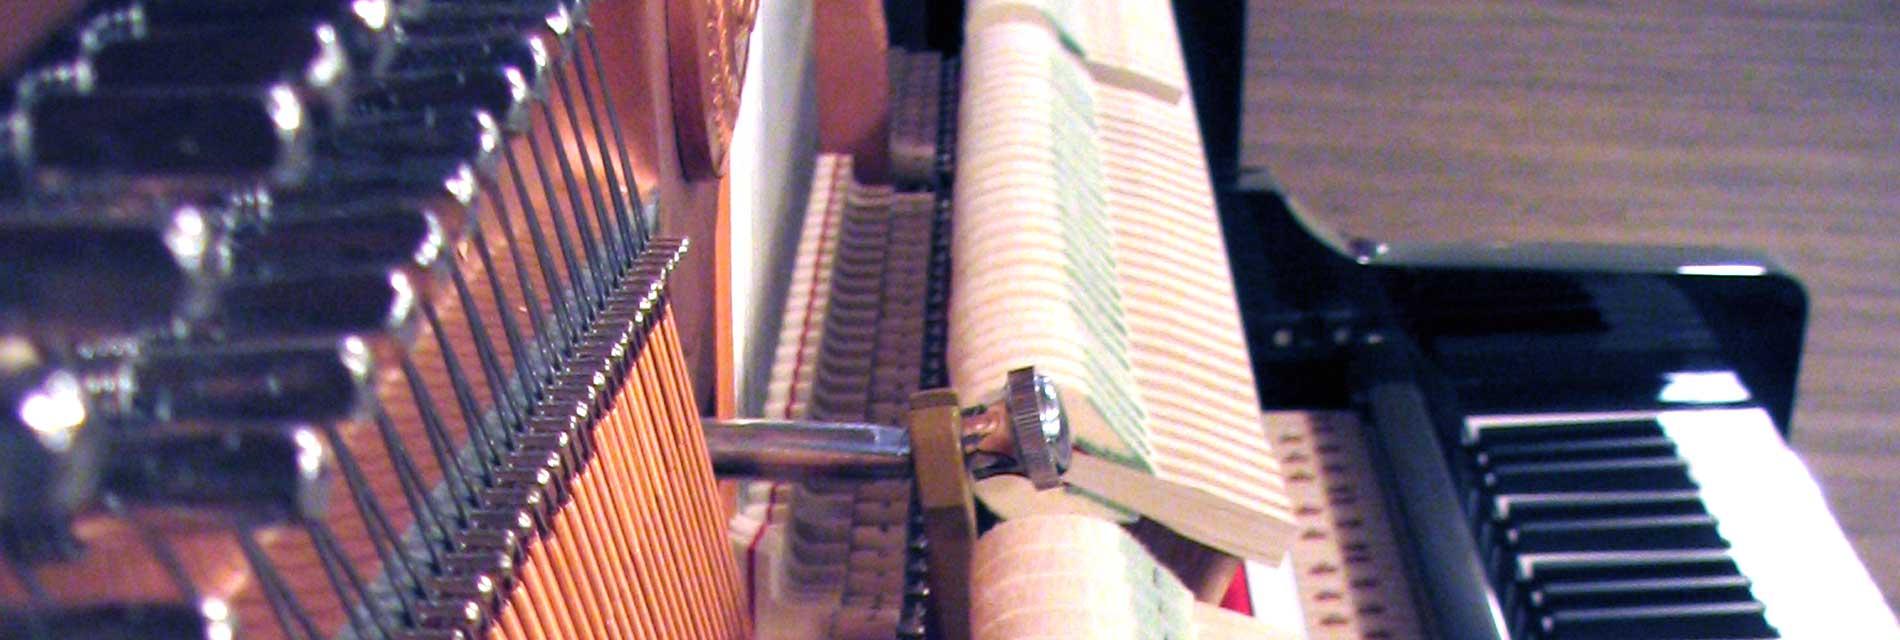 piano tuner course